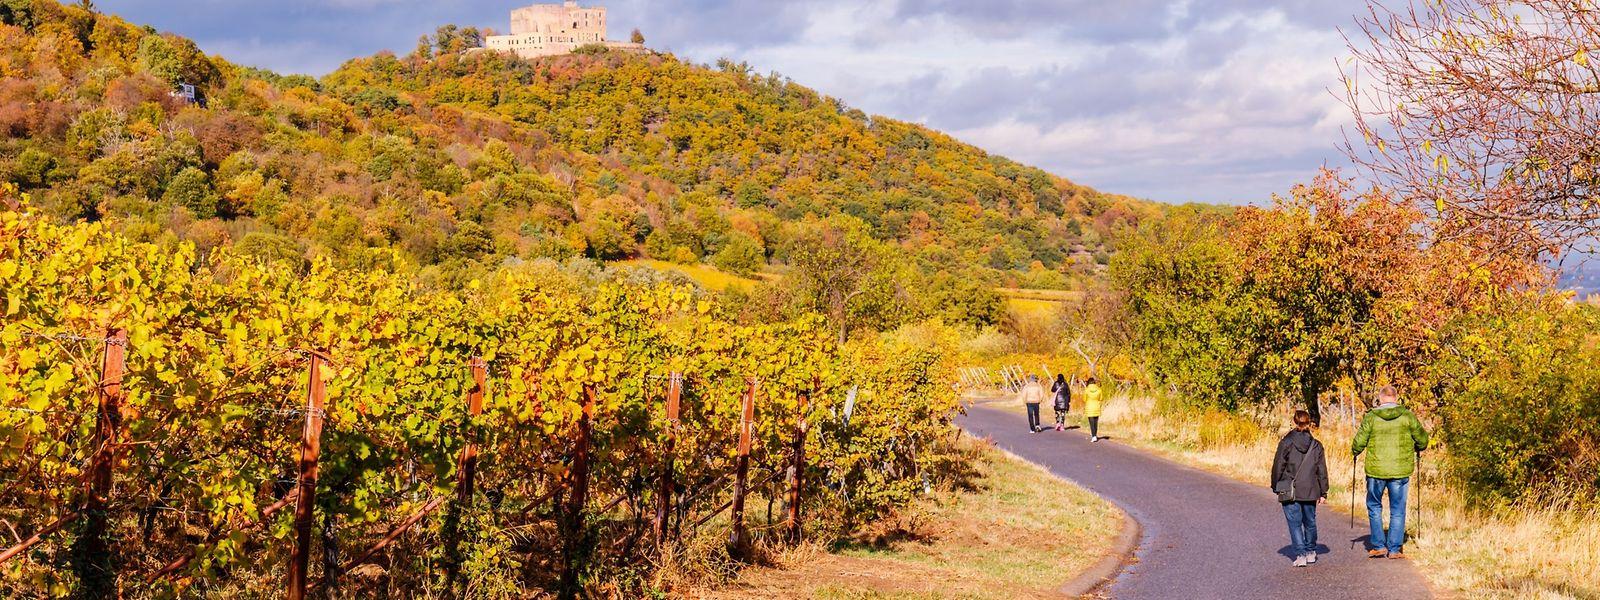 Herbstliche Stimmung rund um das Hambacher Schloss.